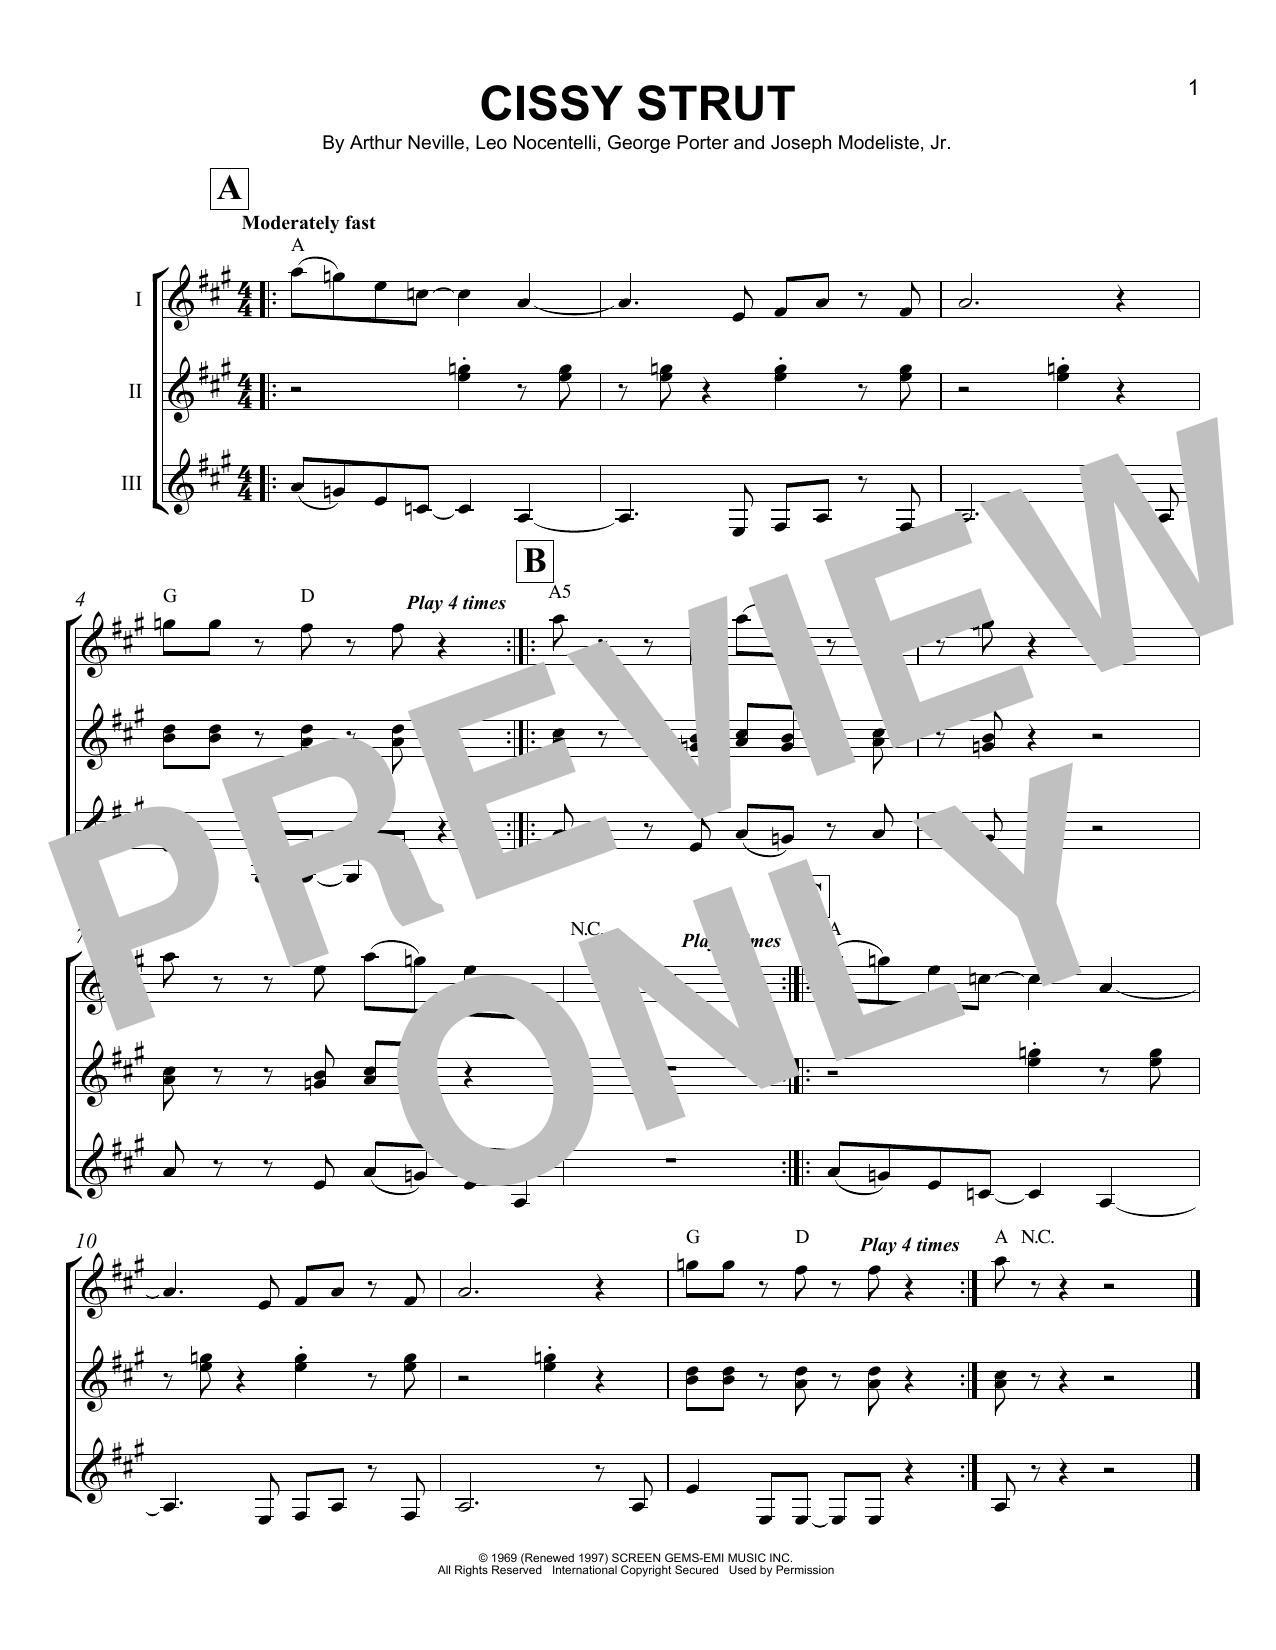 Cissy strut guitar tab pdf